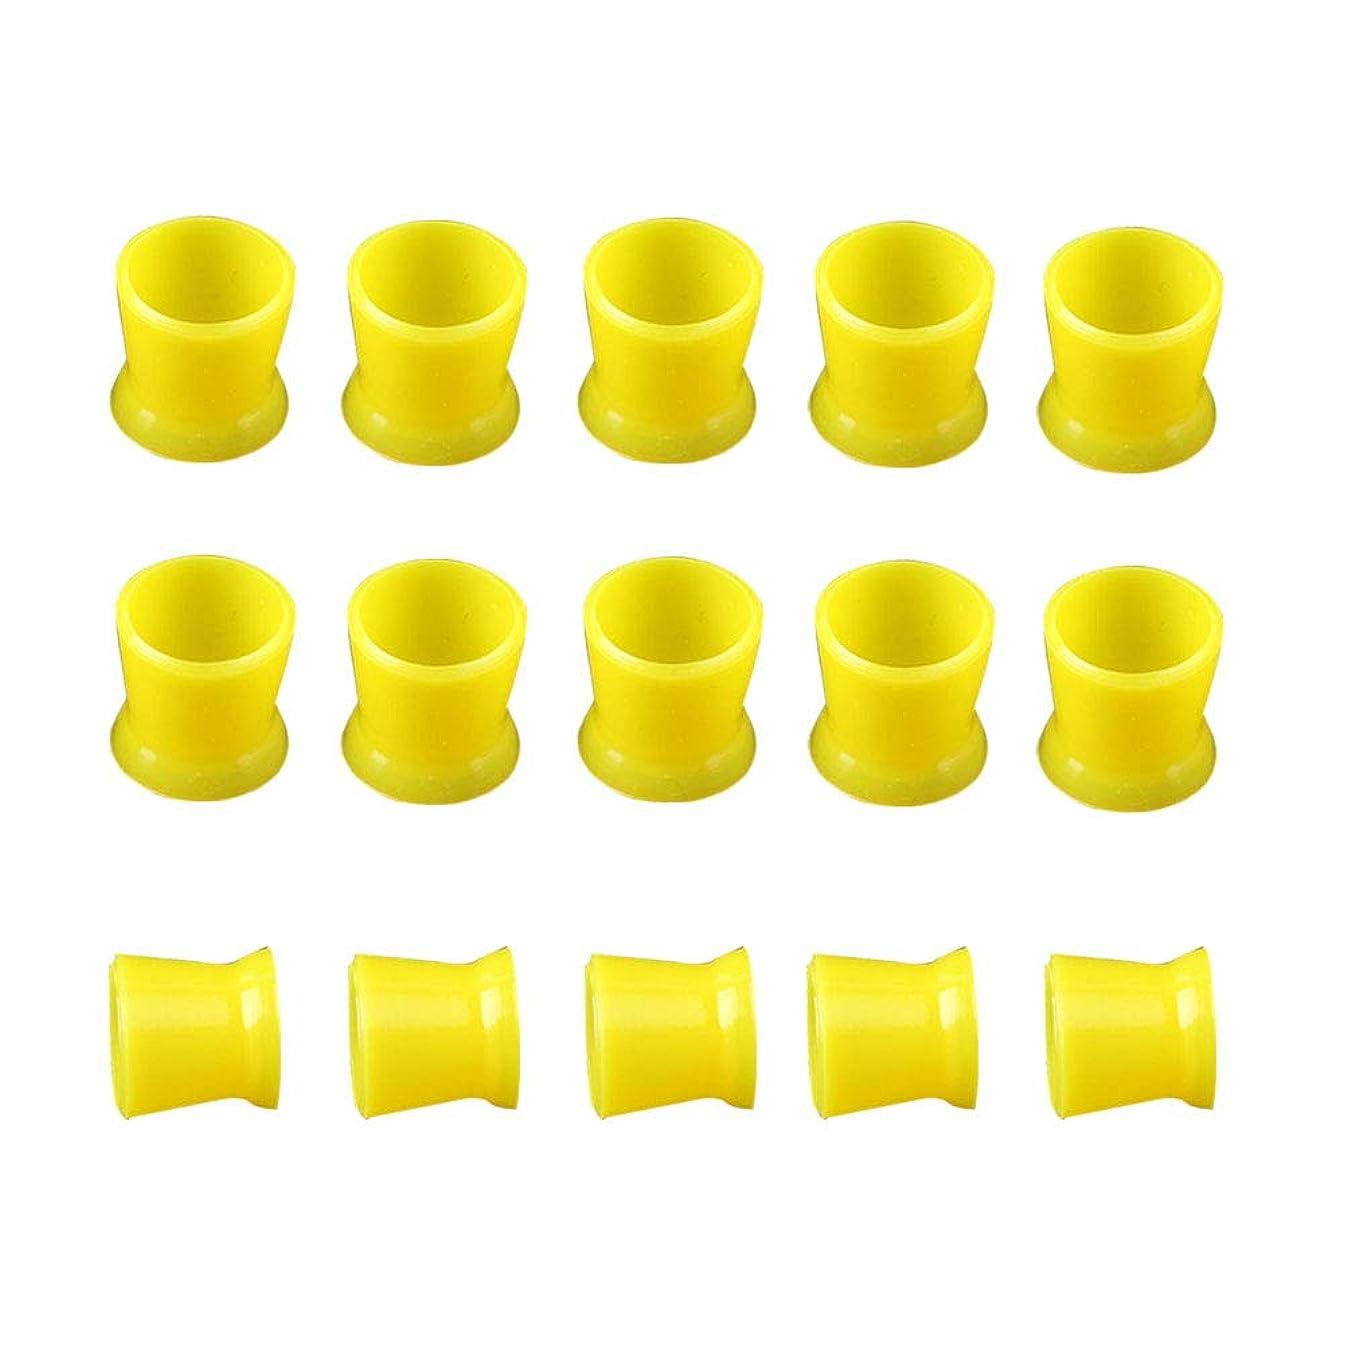 刺繍原子増強するHealifty 300PCSシリコーンタトゥーインクカップ使い捨てマイクロブリーディングピグメントキャップホルダーコンテナ永久的なまつげメイクアップ眉(イエロー)